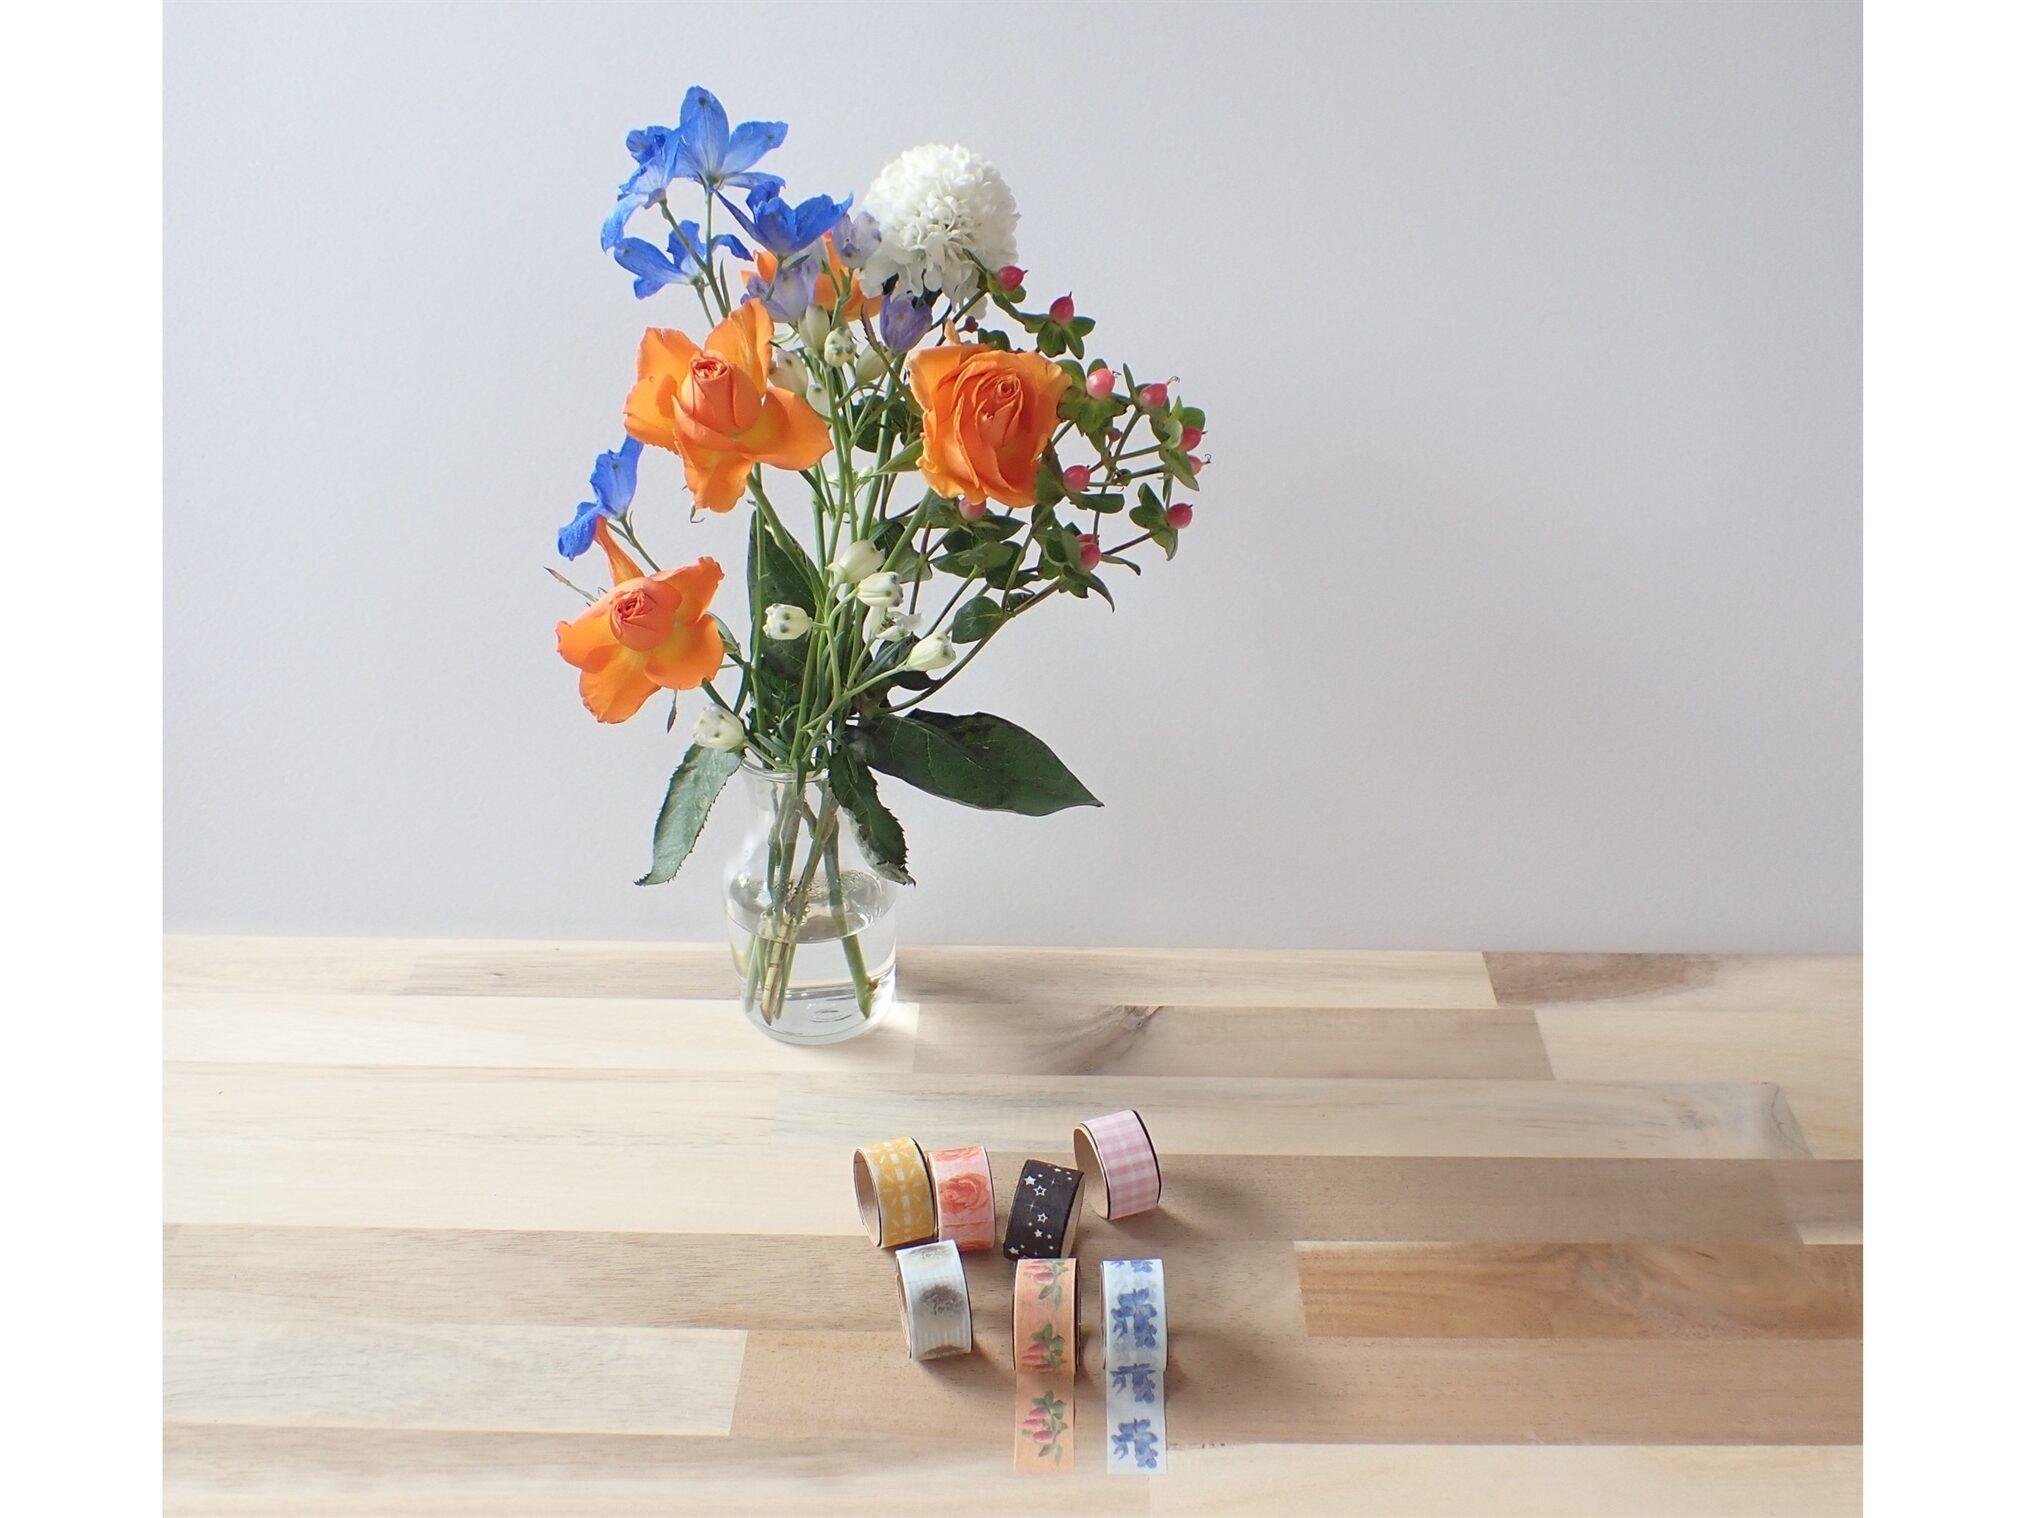 エレコム ELECOM マスキングテープラベル用紙 A4サイズ 3枚入り EDT-MTA4にBloomee LIFE(ブルーミーライフ)レギュラープランのお花の写真を印刷して作った手作りマスキングテープ